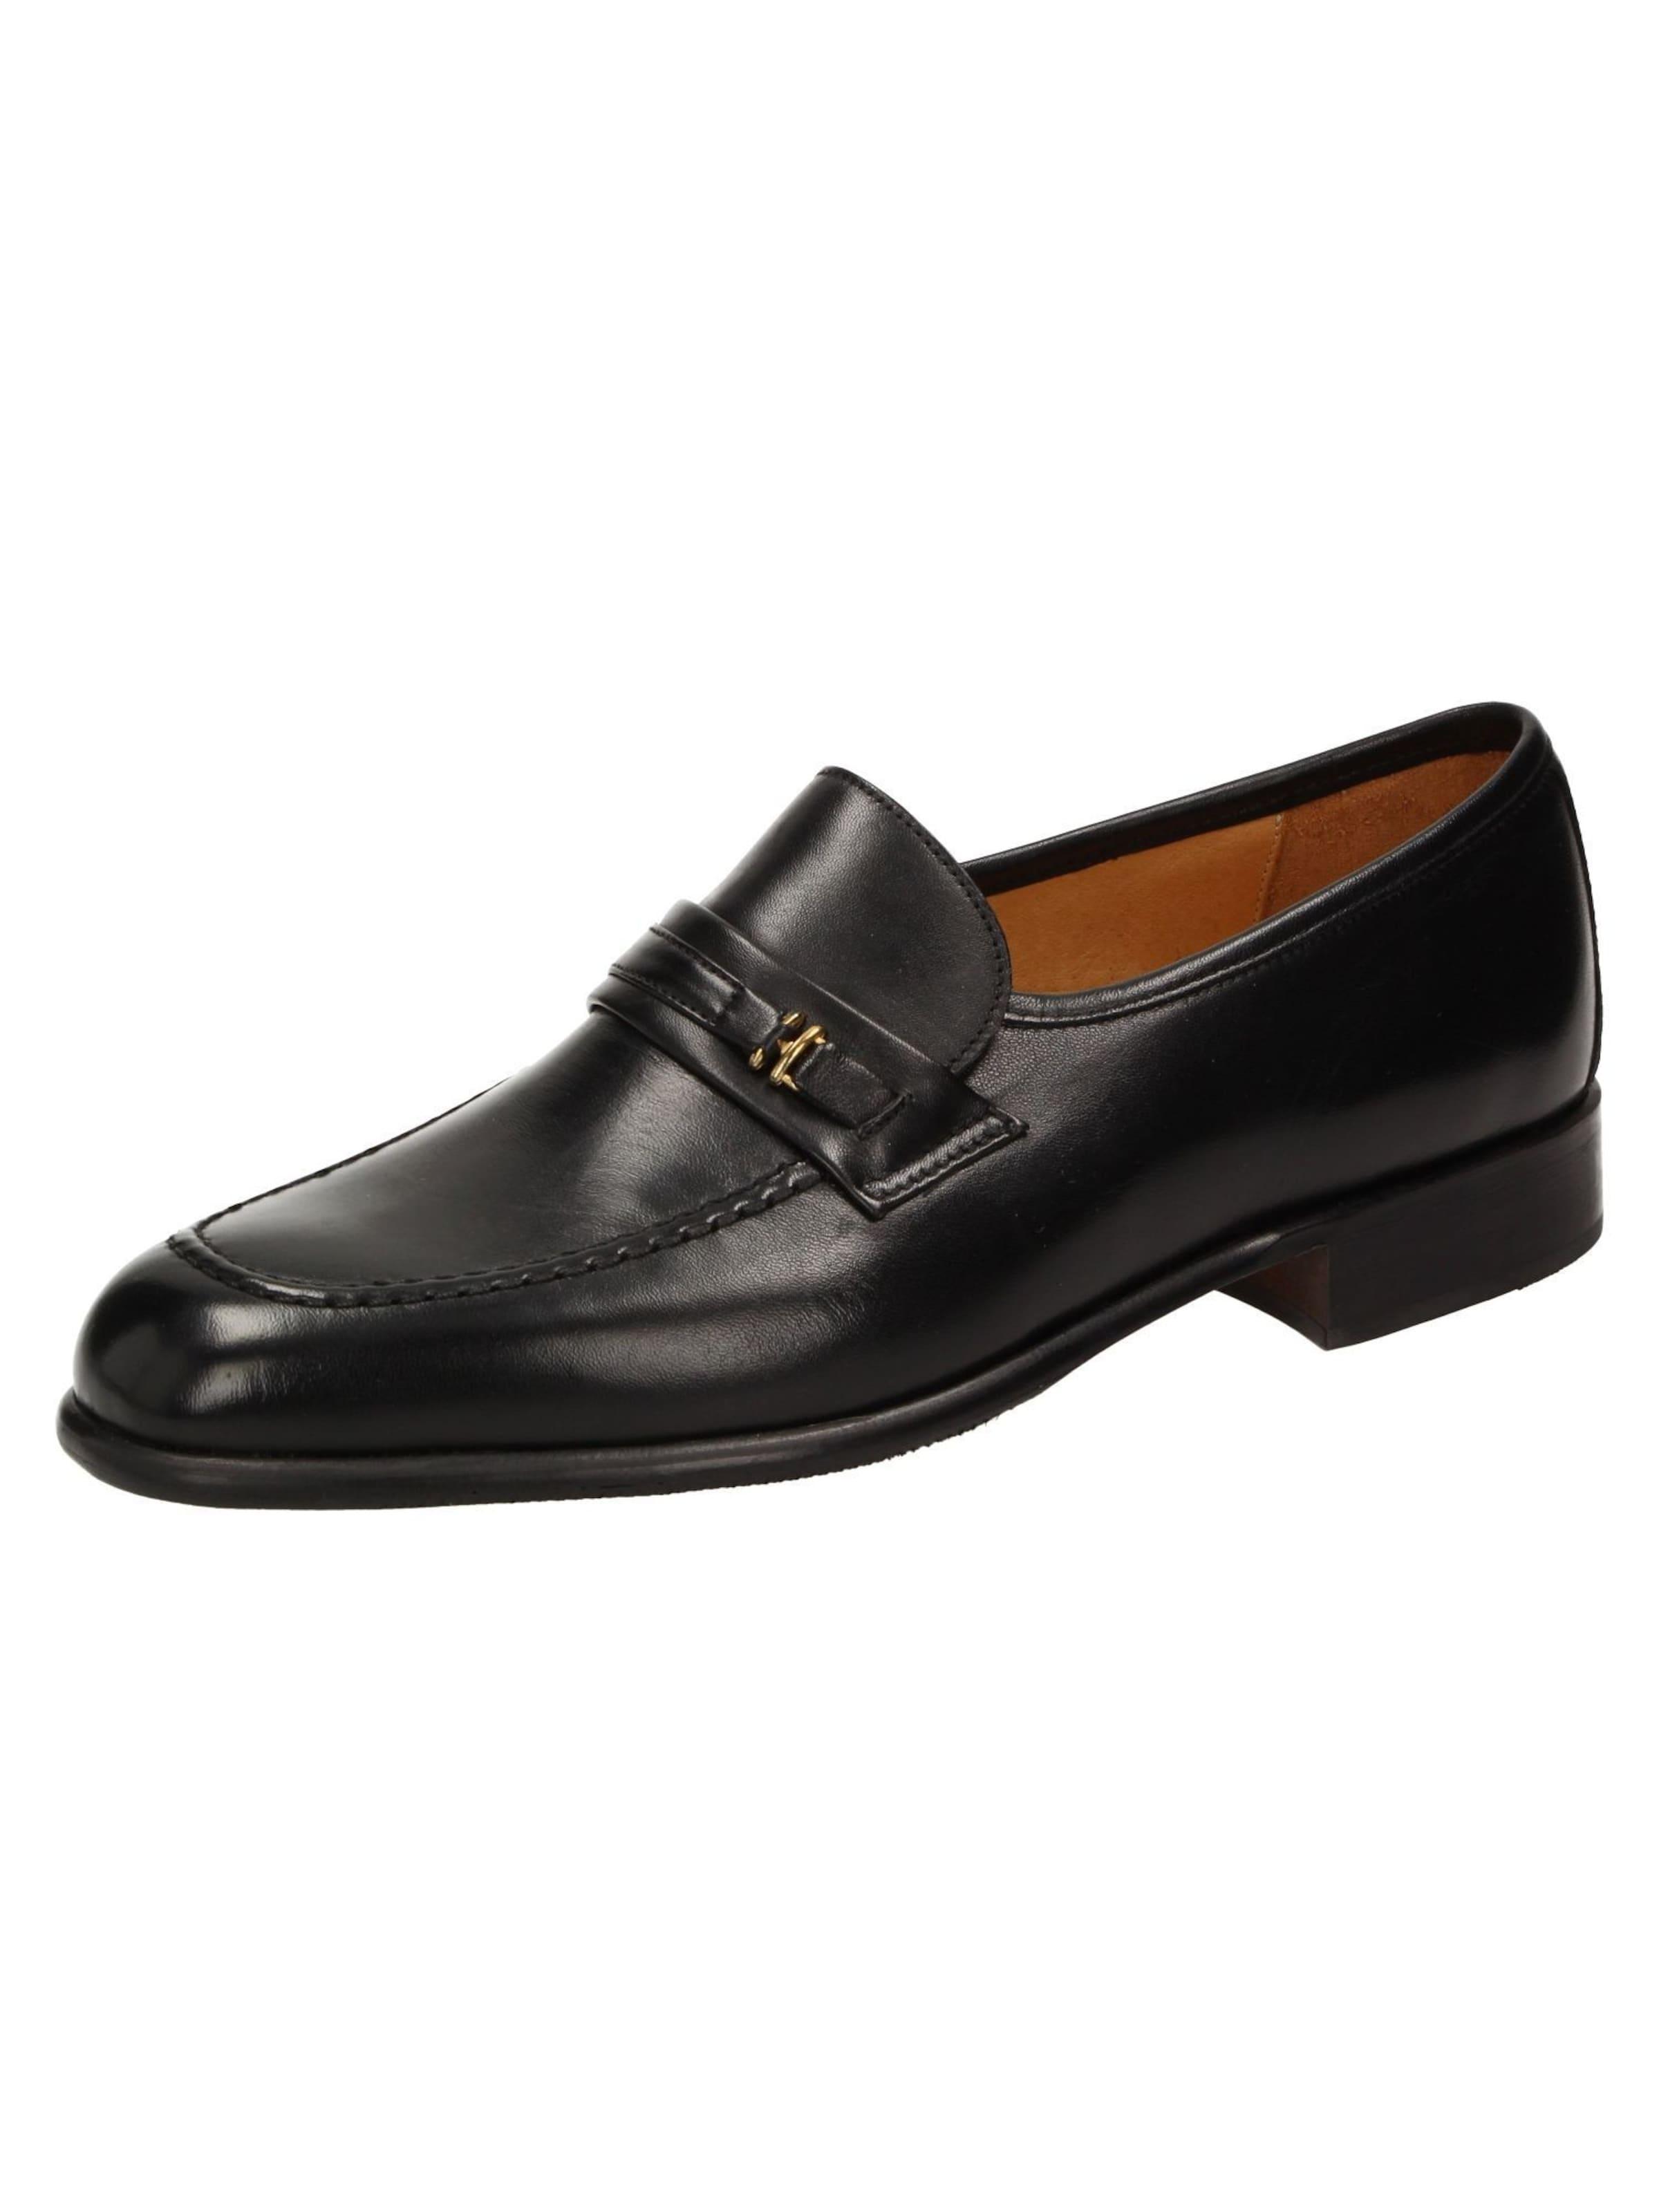 SIOUX Slipper Prato Verschleißfeste billige Schuhe